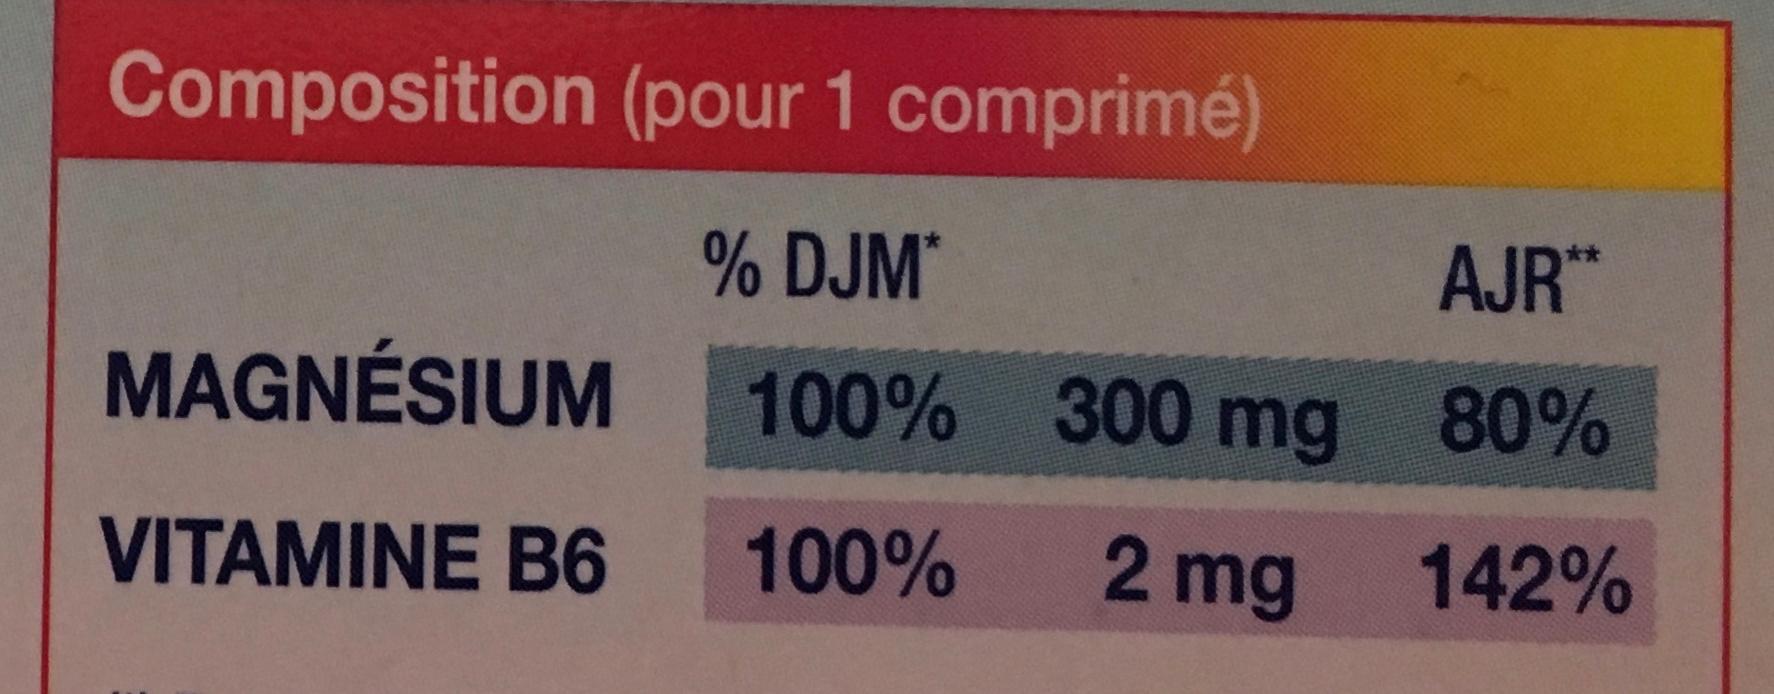 Magnésium - Informations nutritionnelles